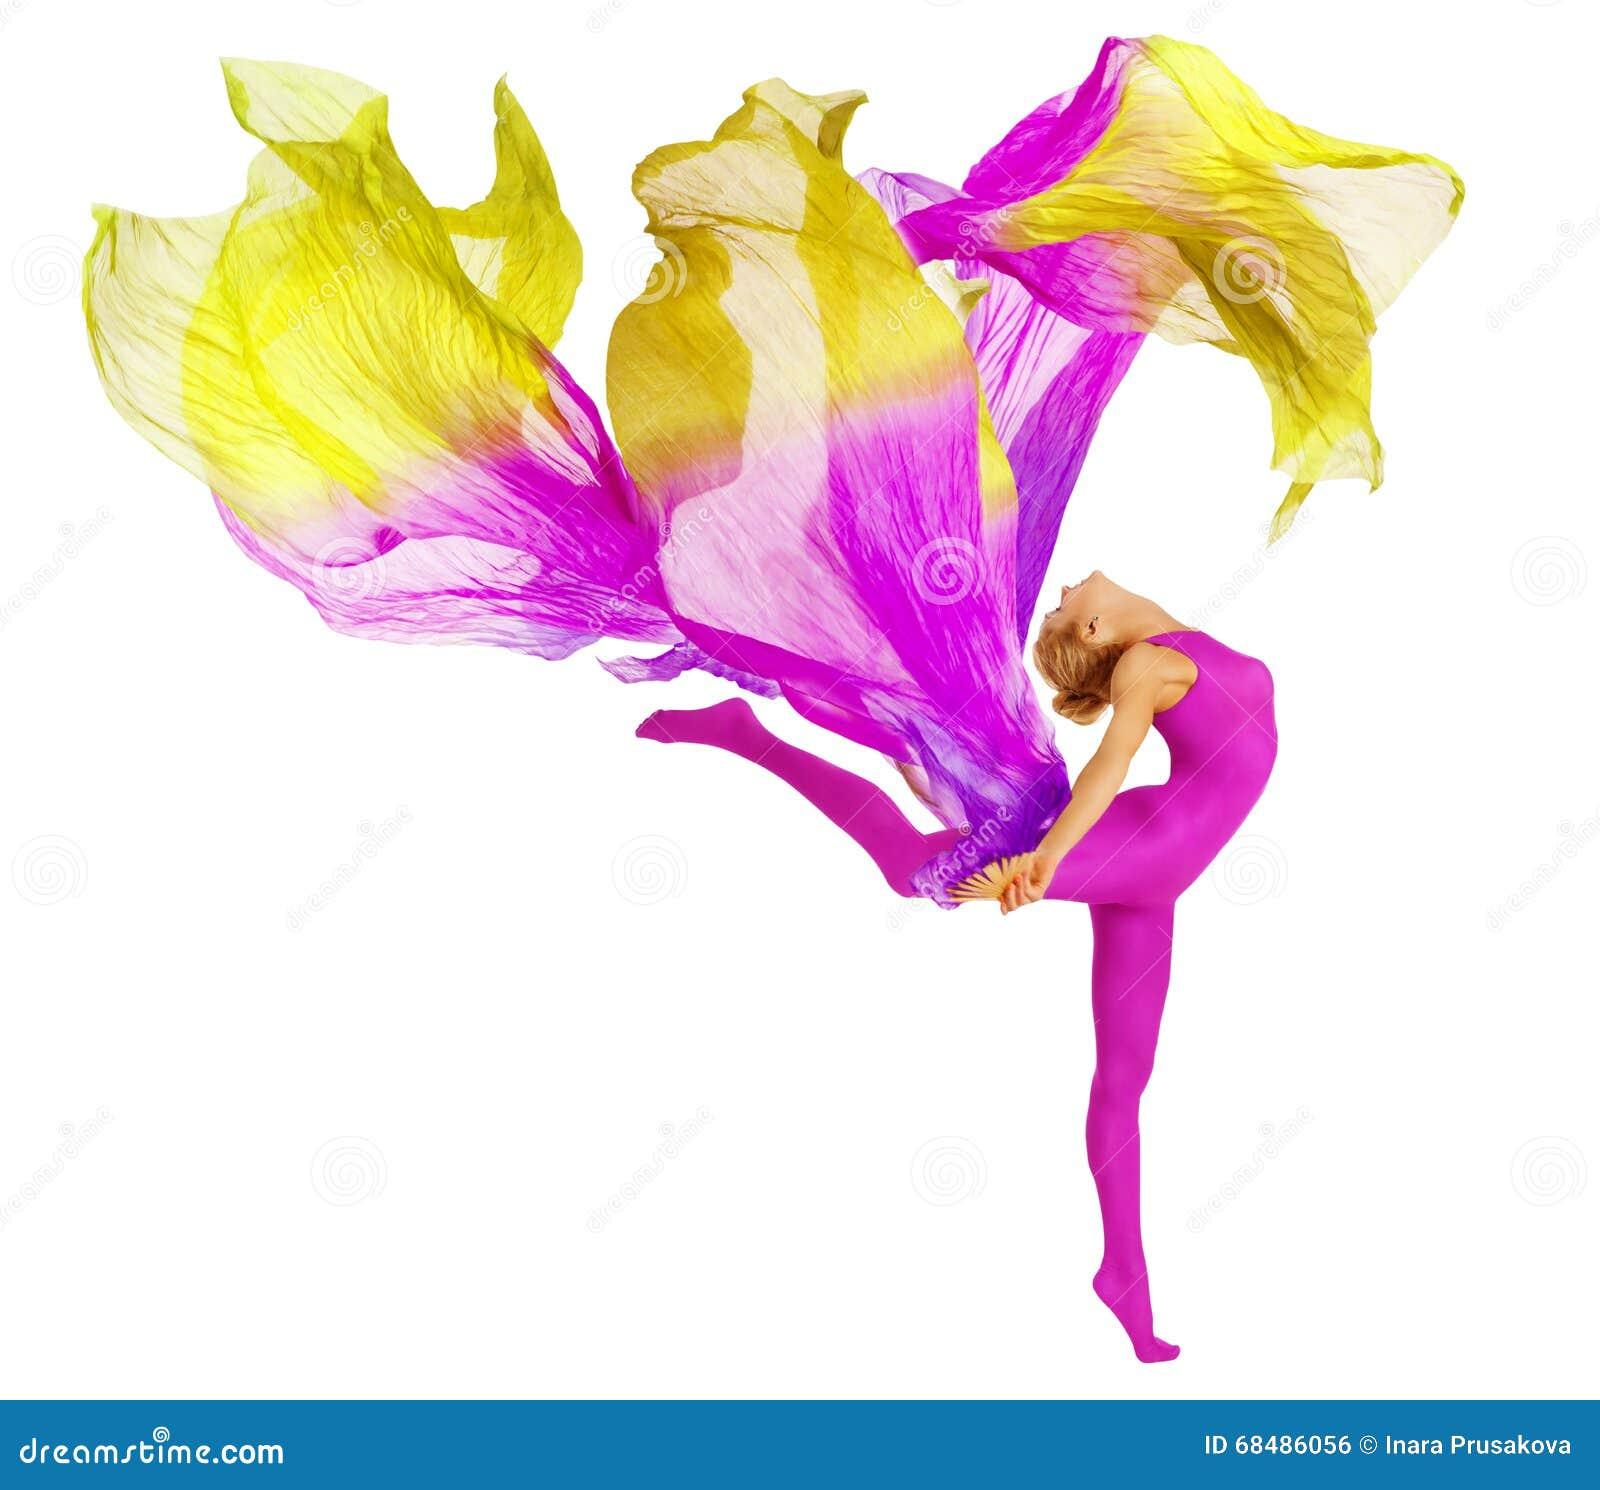 Akrobat-Tanzen mit Gewebe, flexibles Frauen-Trikotanzug-Weiß